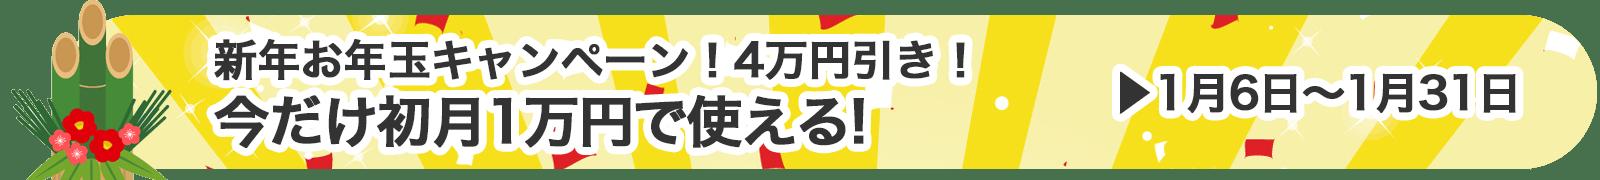 2017年新年お年玉キャンペーン!!初月1万円から!4万円割引き!